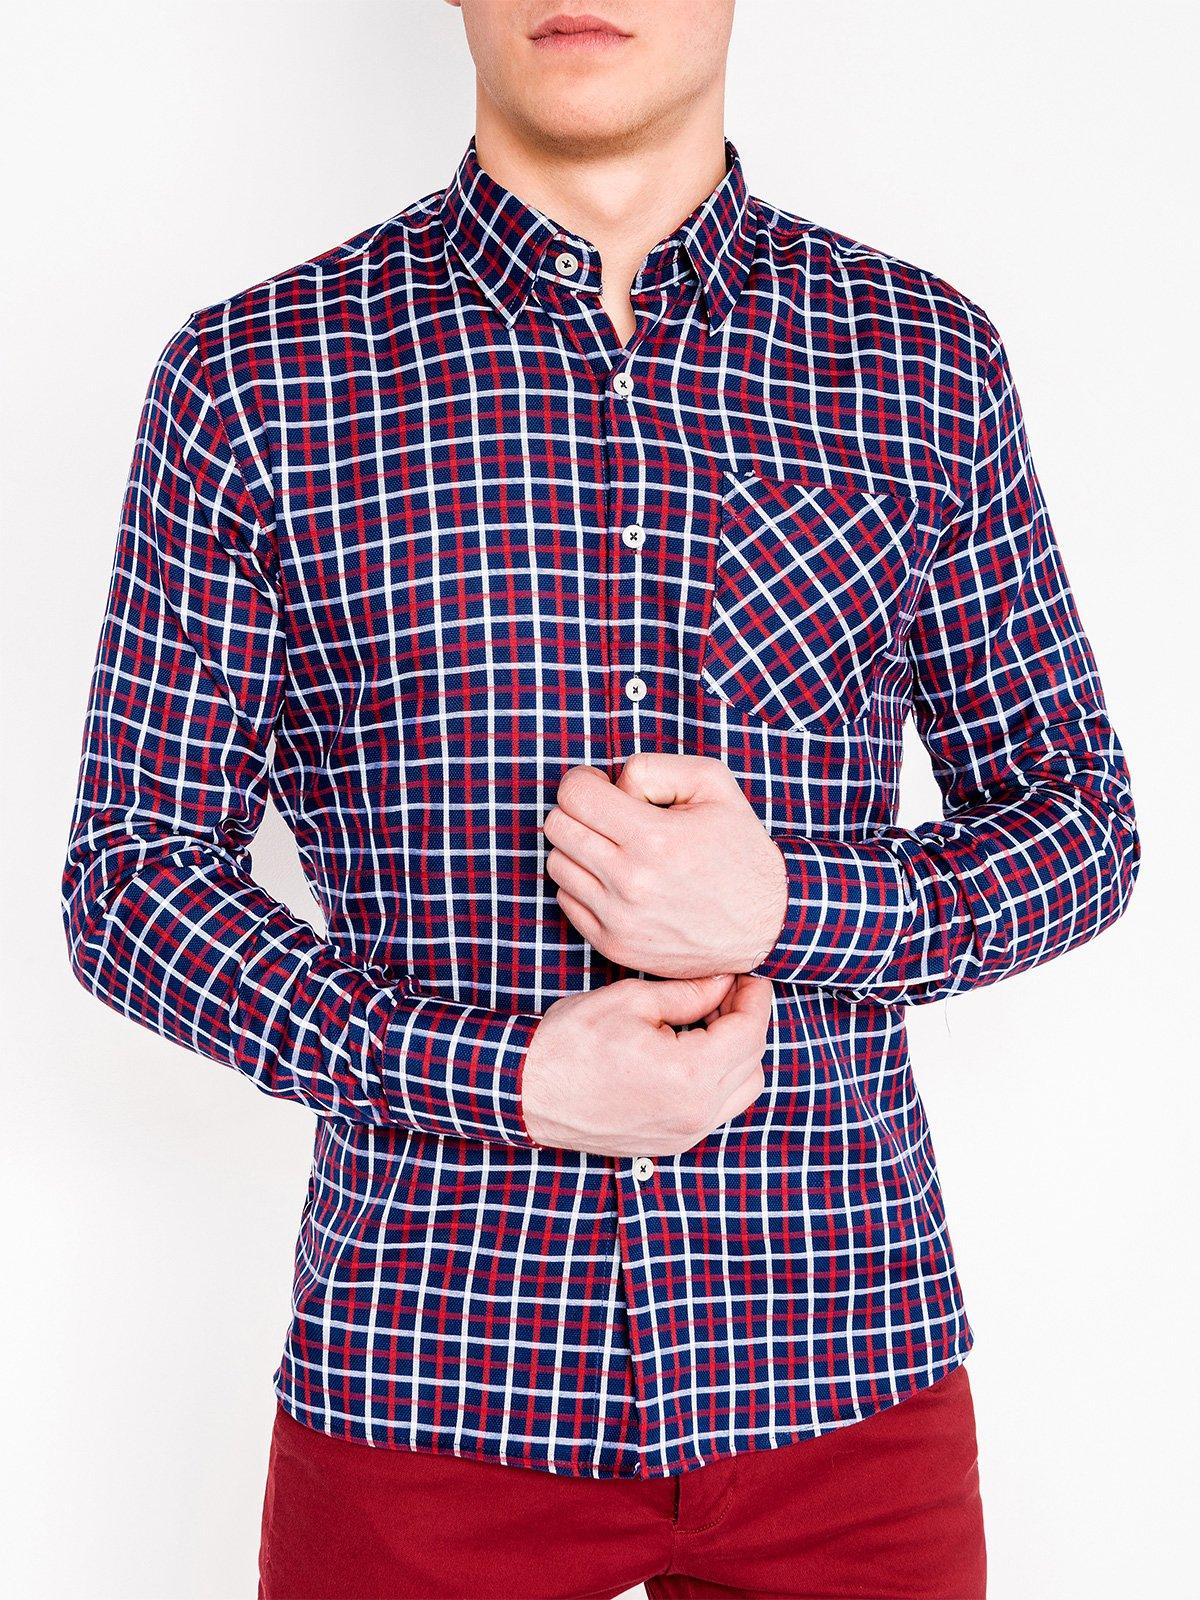 d8fb532f0de ... Мужская рубашка в клеточку с длинным рукавом K429 - тёмно-синяя красная  ...